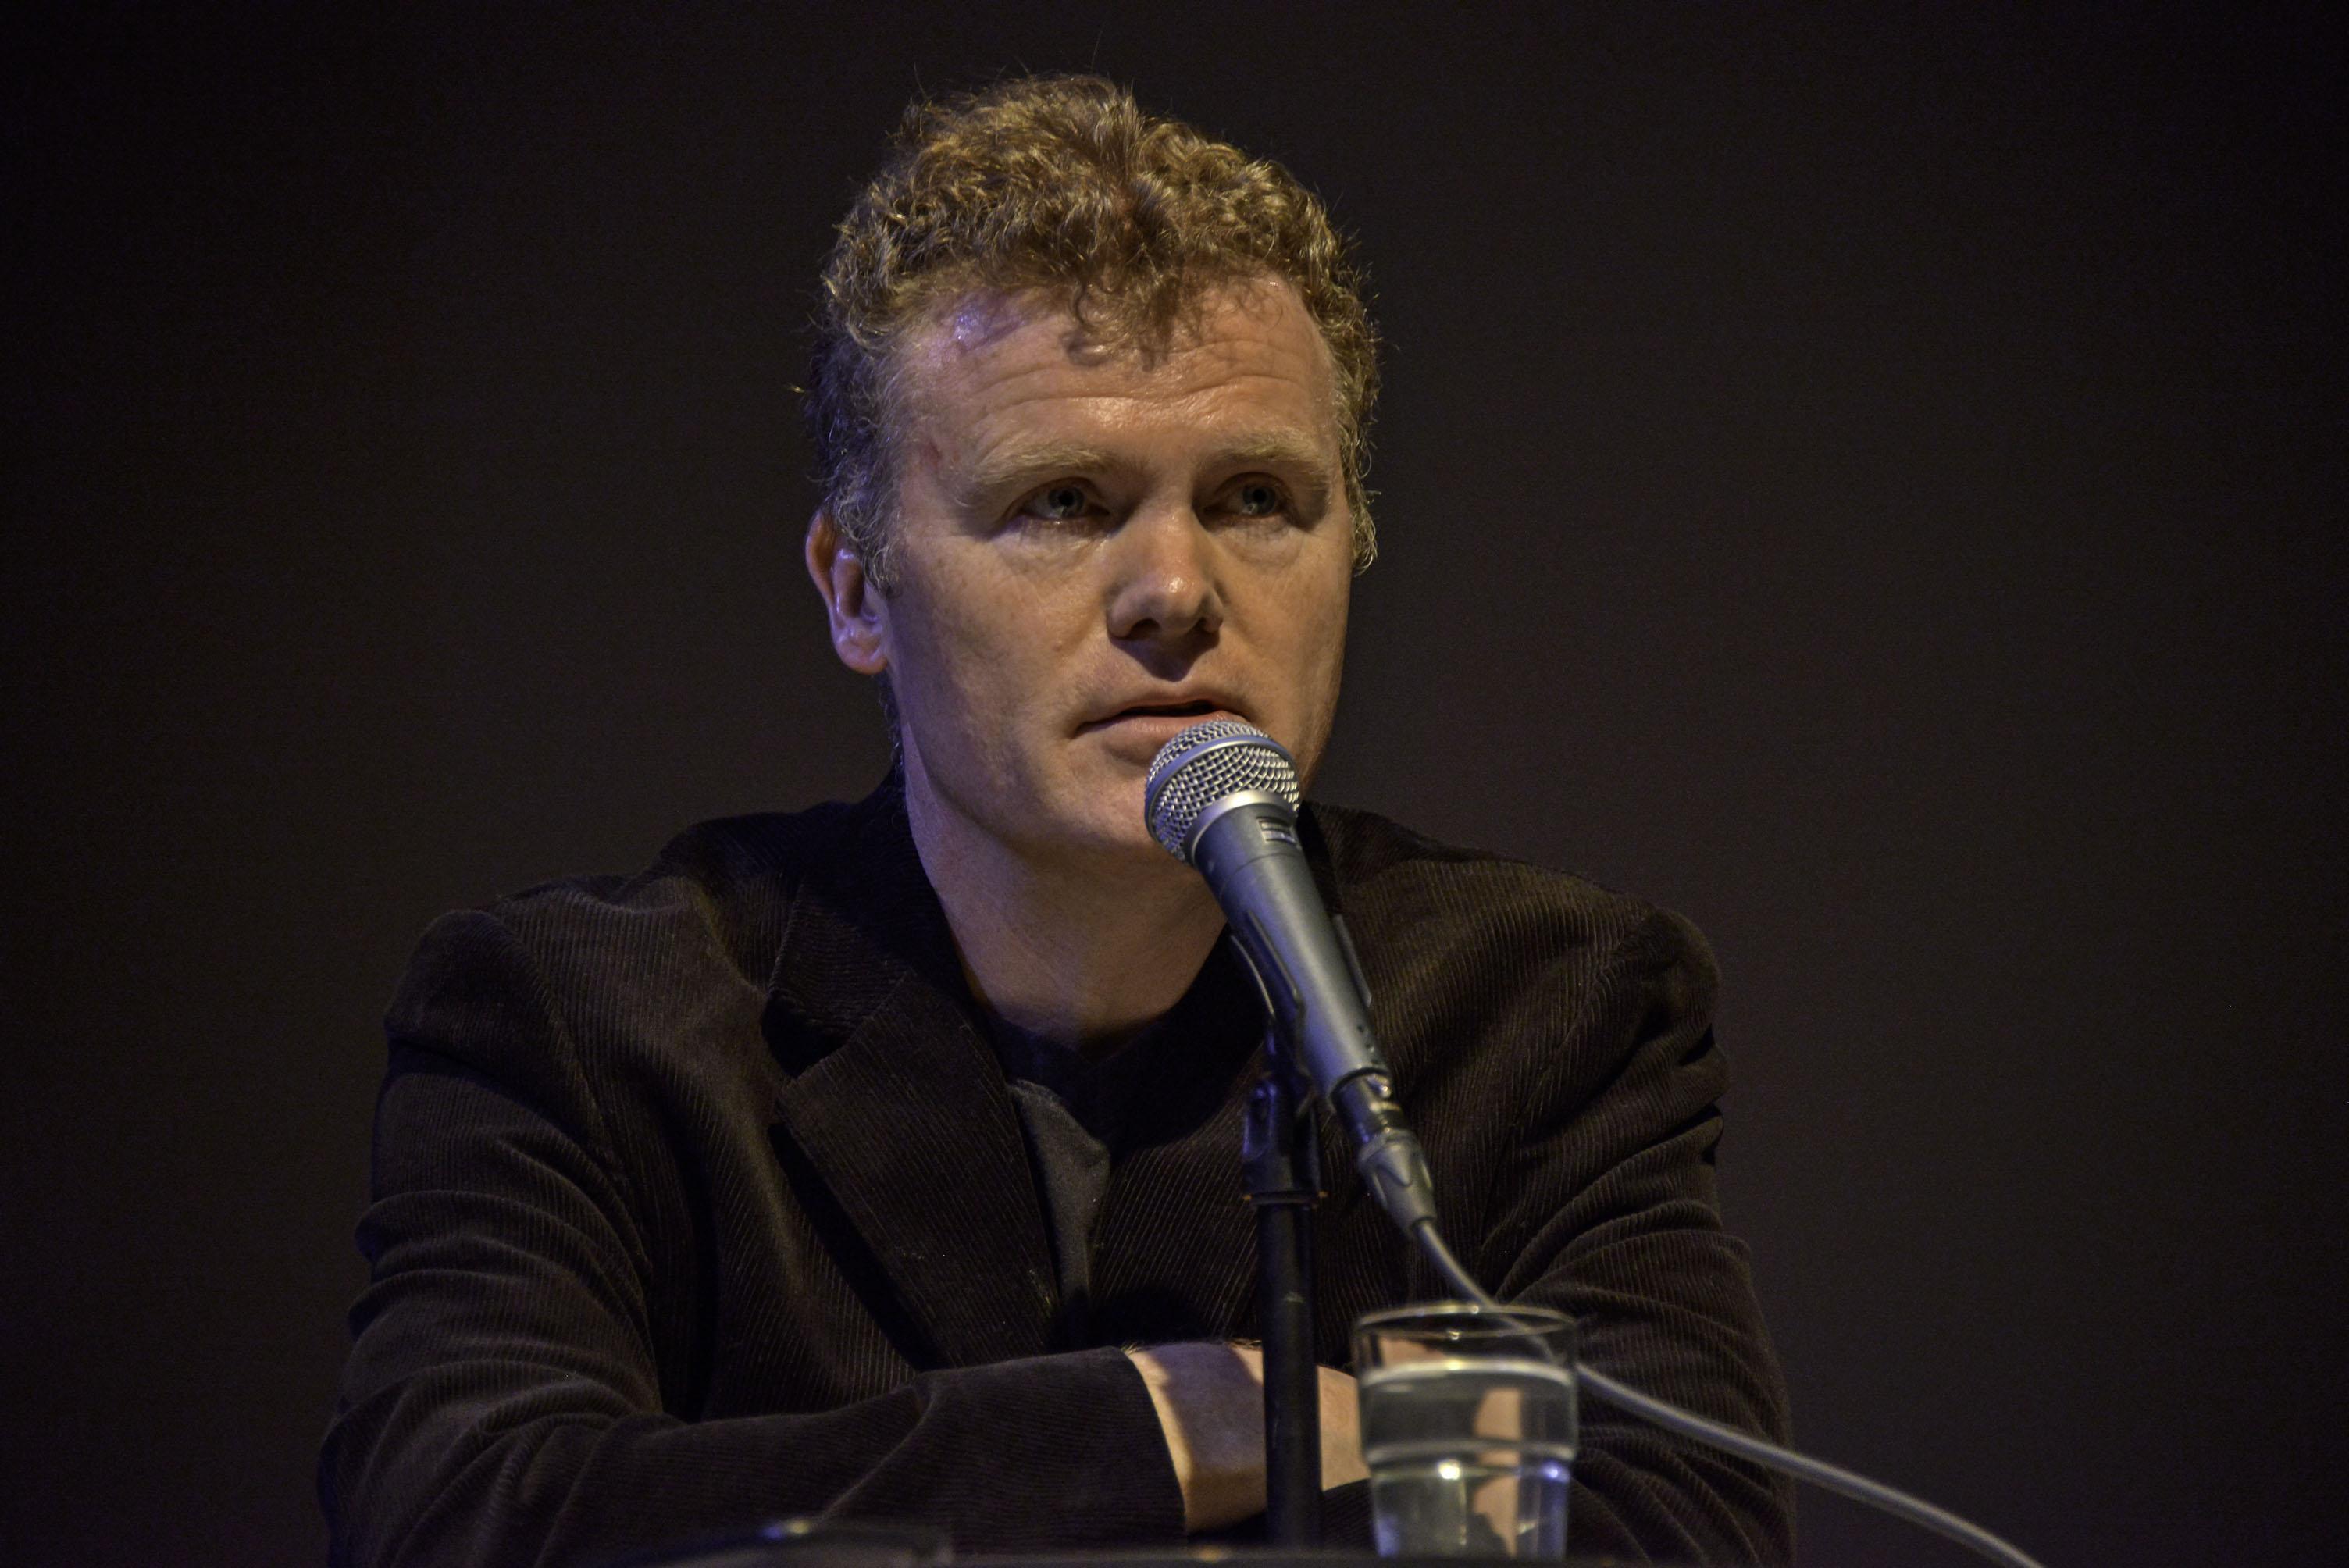 Iain Ballamy, the Jazz Summit 2012